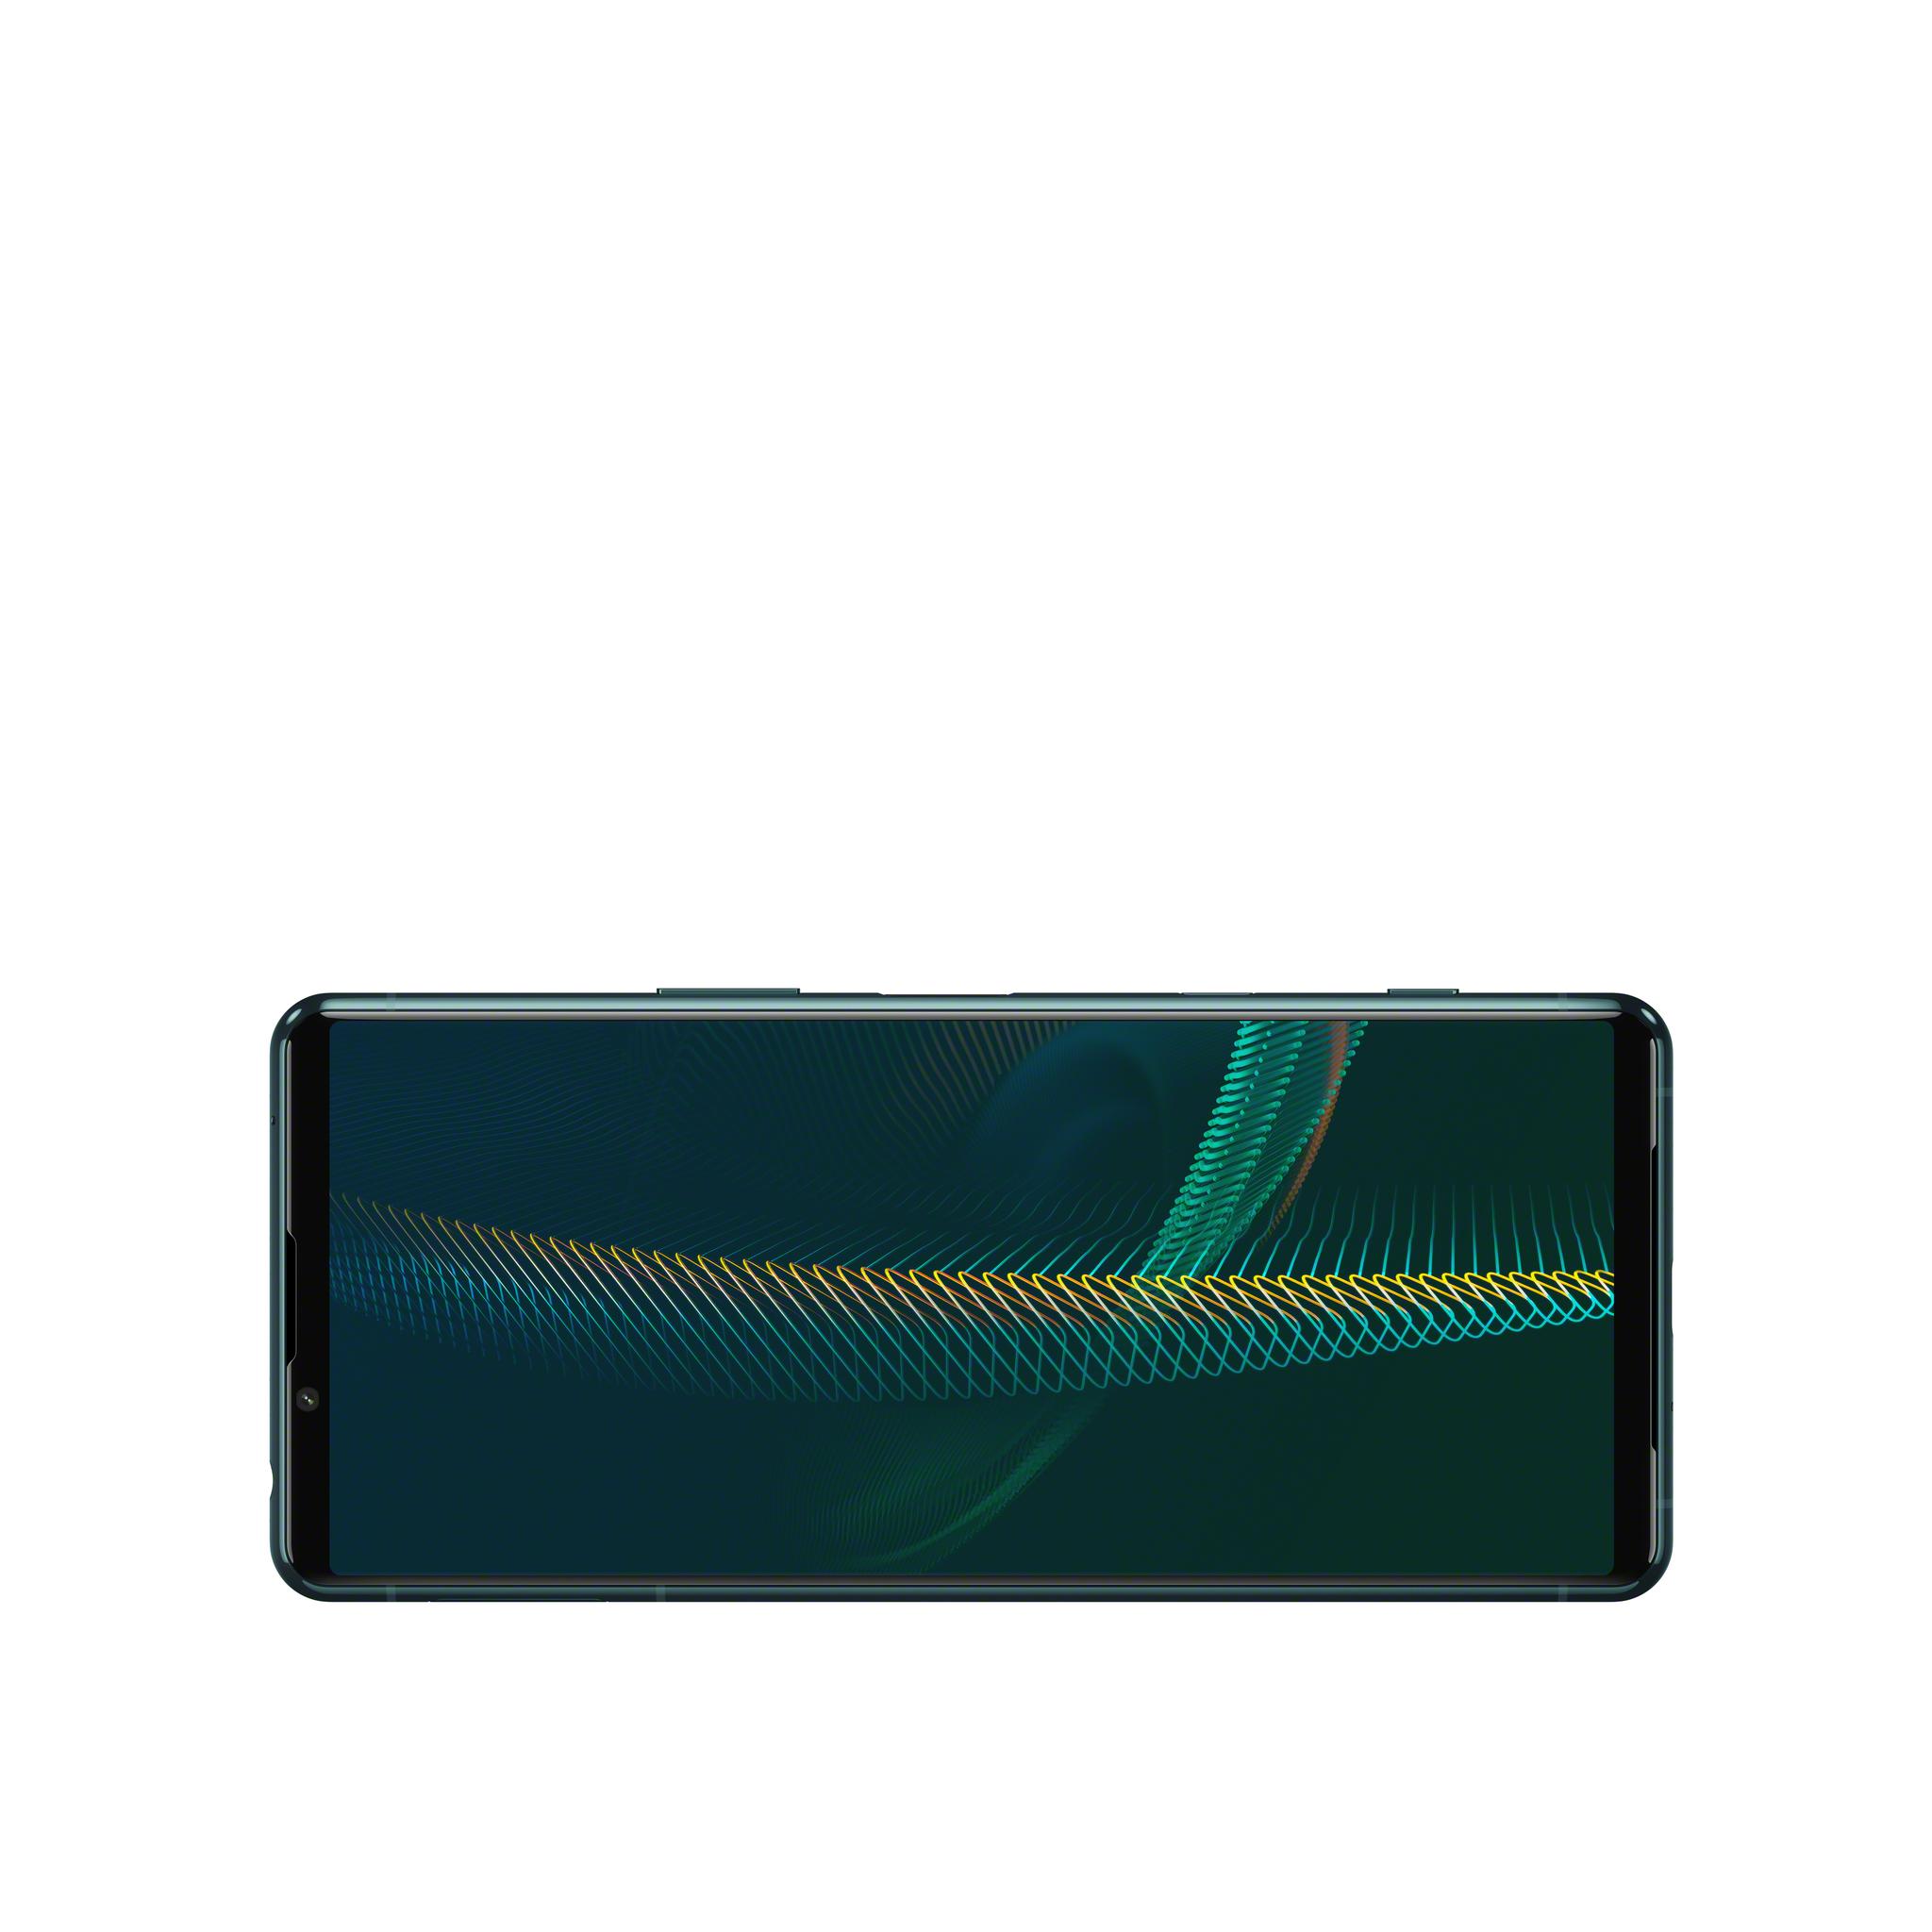 Купить смартфон Xperia 5 III Green в официальном магазине Sony Centre